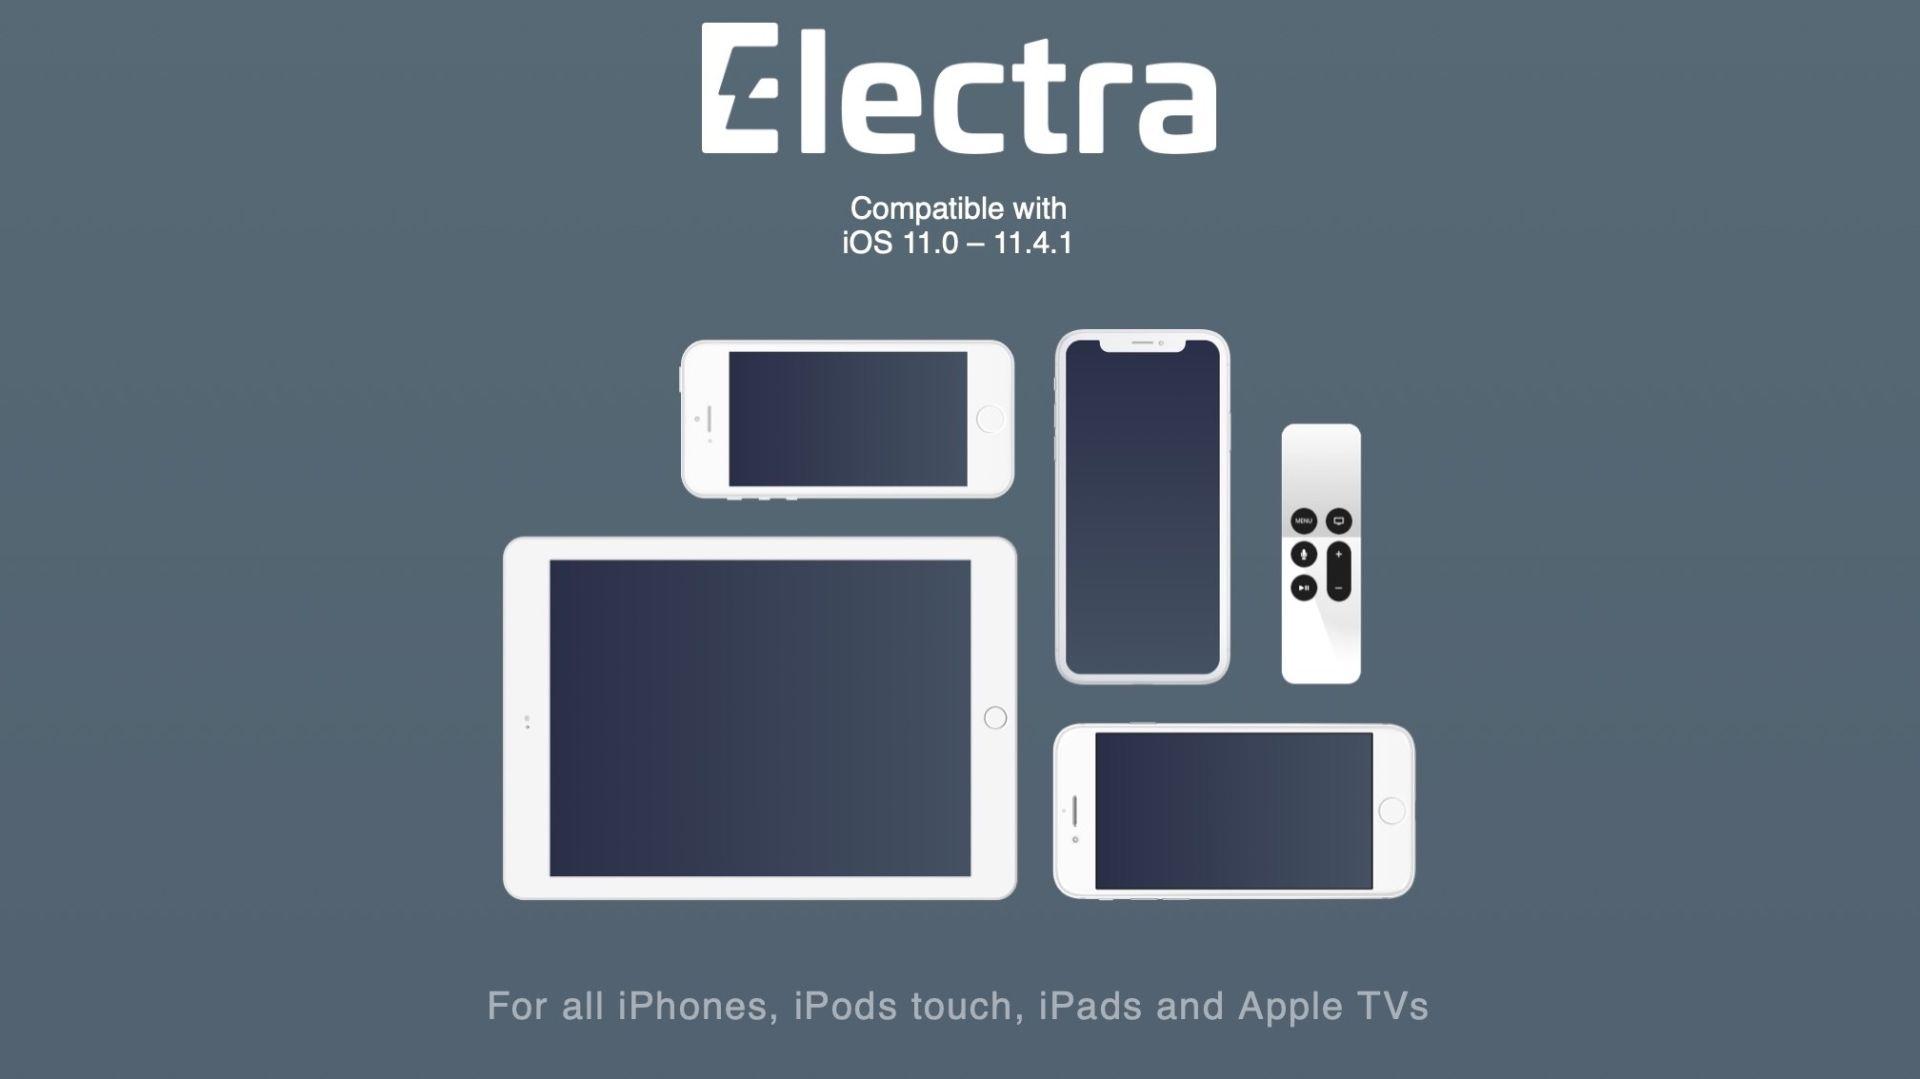 Jak wykonać jailbreak iOS 11.4 i iOS 11.4.1 z Electra?